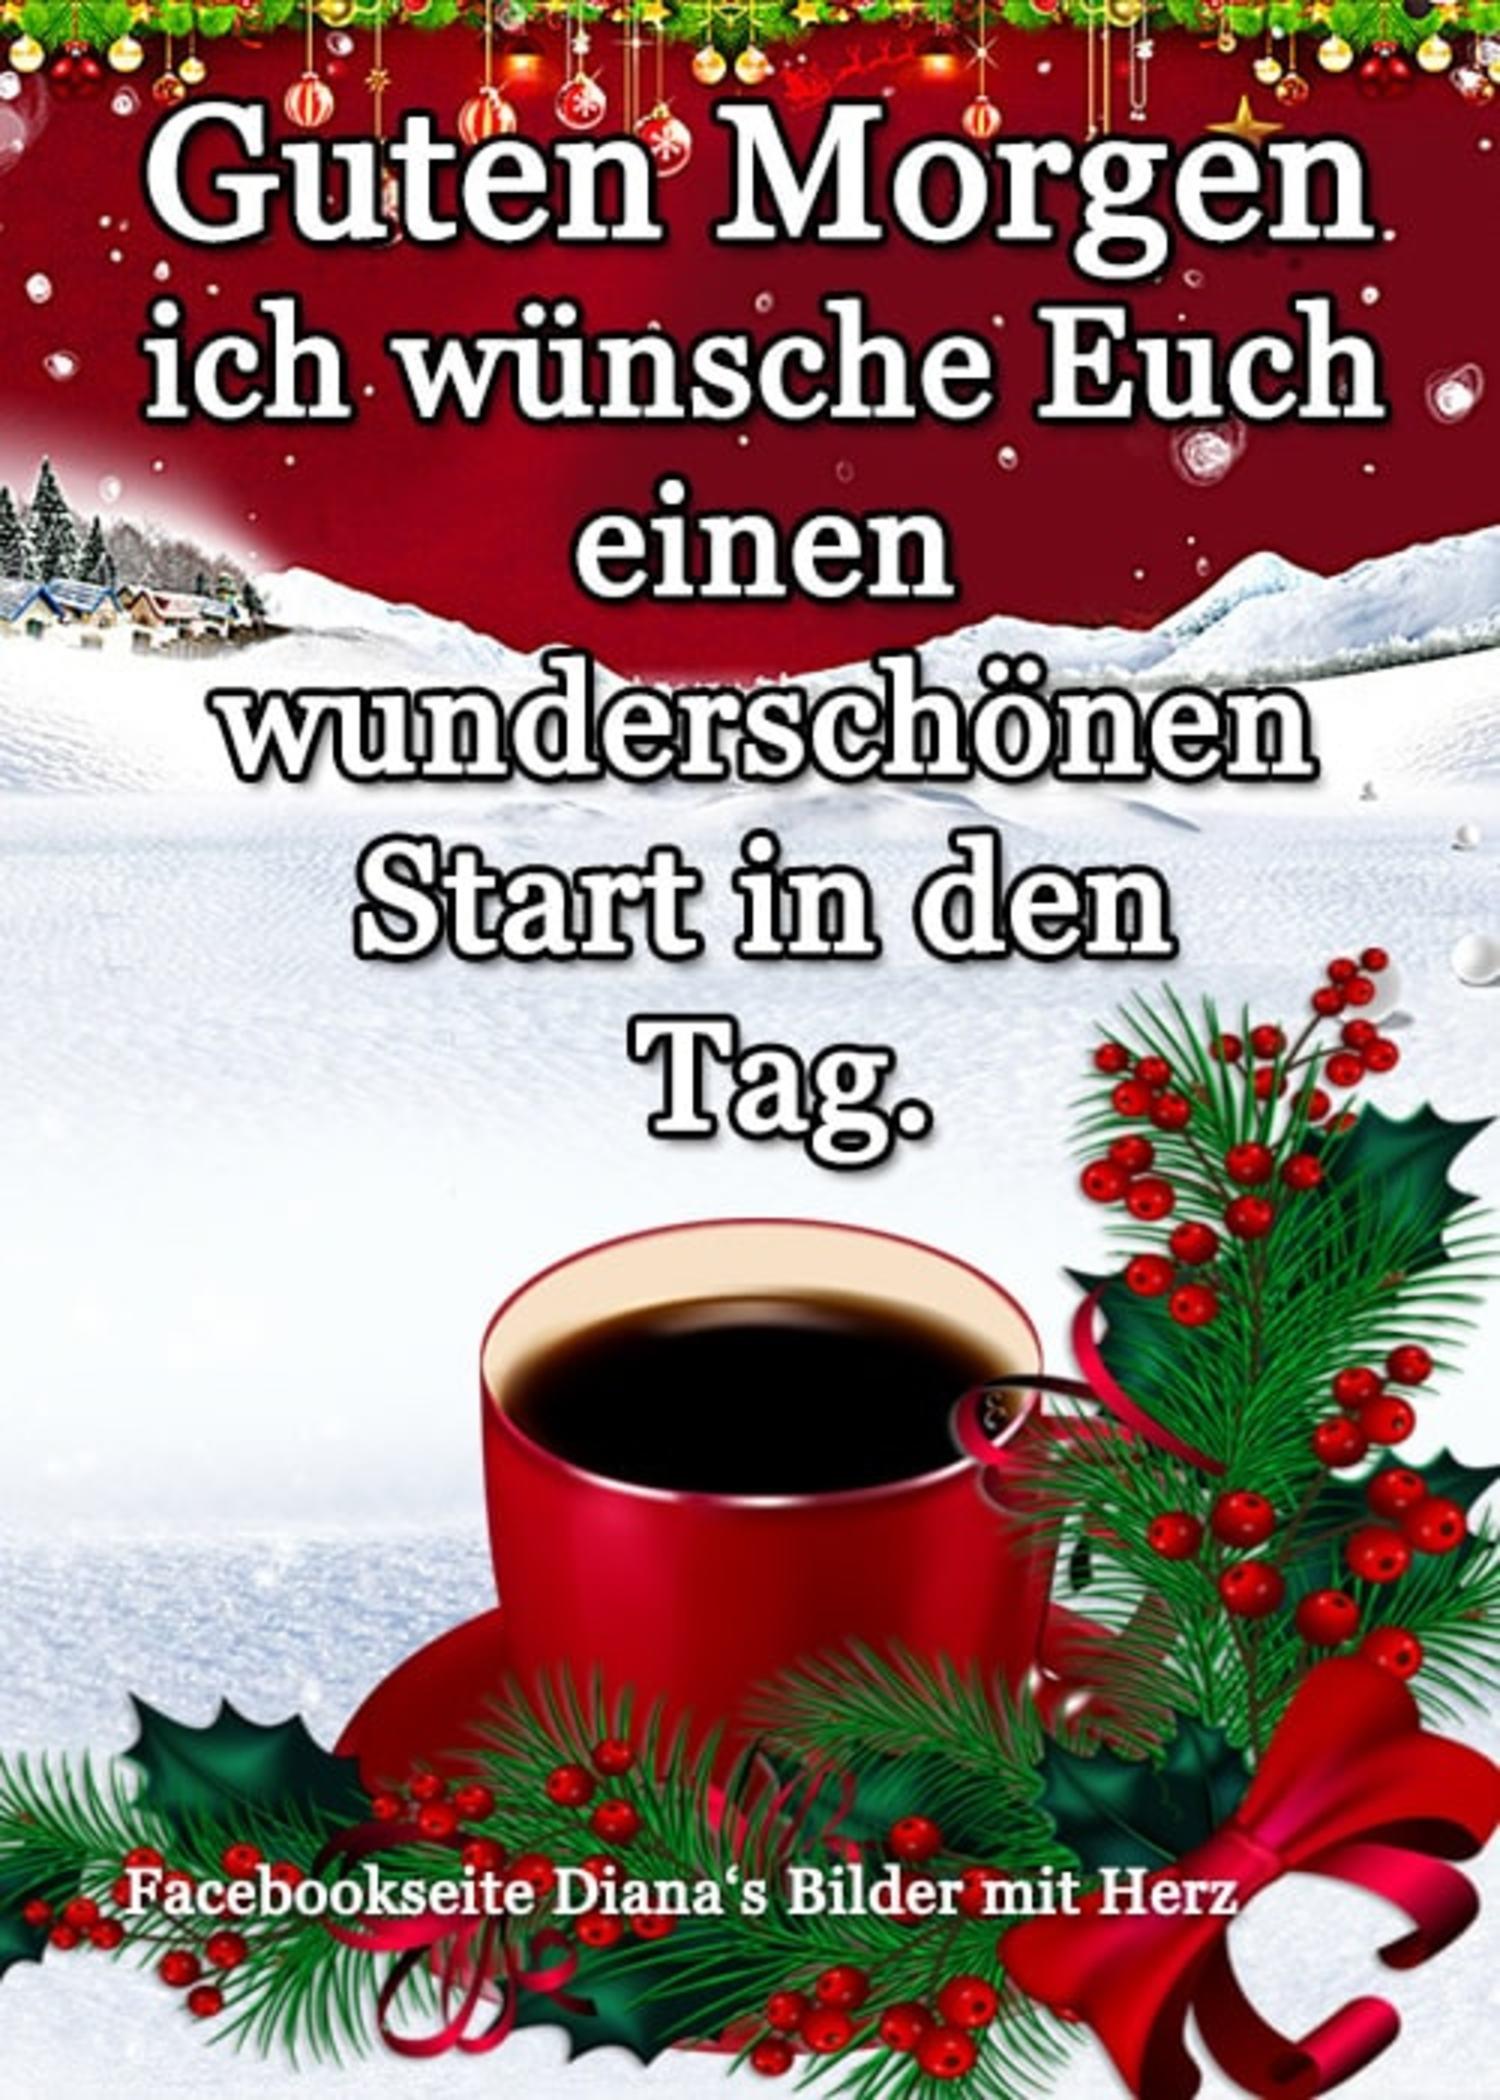 Fotos WhatsApp Guten Morgen 651 - GBPicsBilder.com